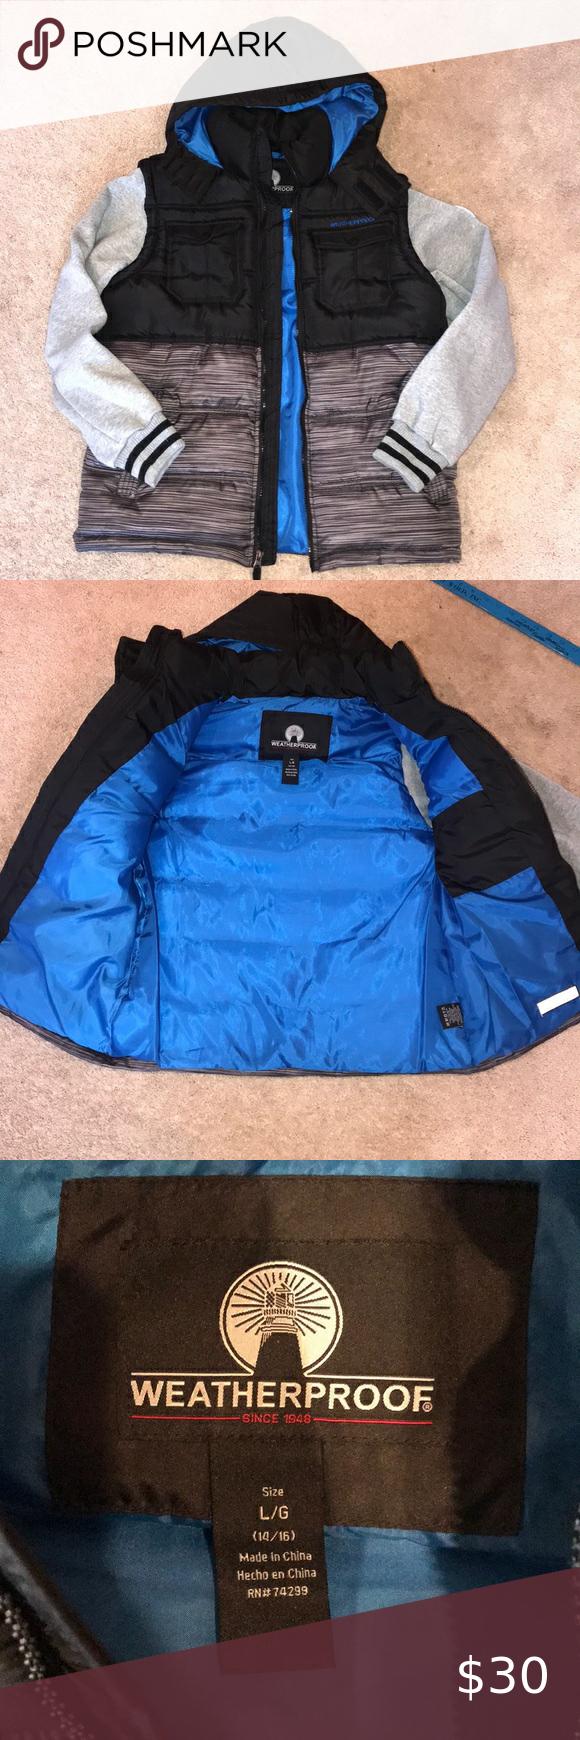 Weatherproof Boy S Vest Jacket L 14 16 Weatherproof Jacket Jackets Girls Winter Jackets [ 1740 x 580 Pixel ]